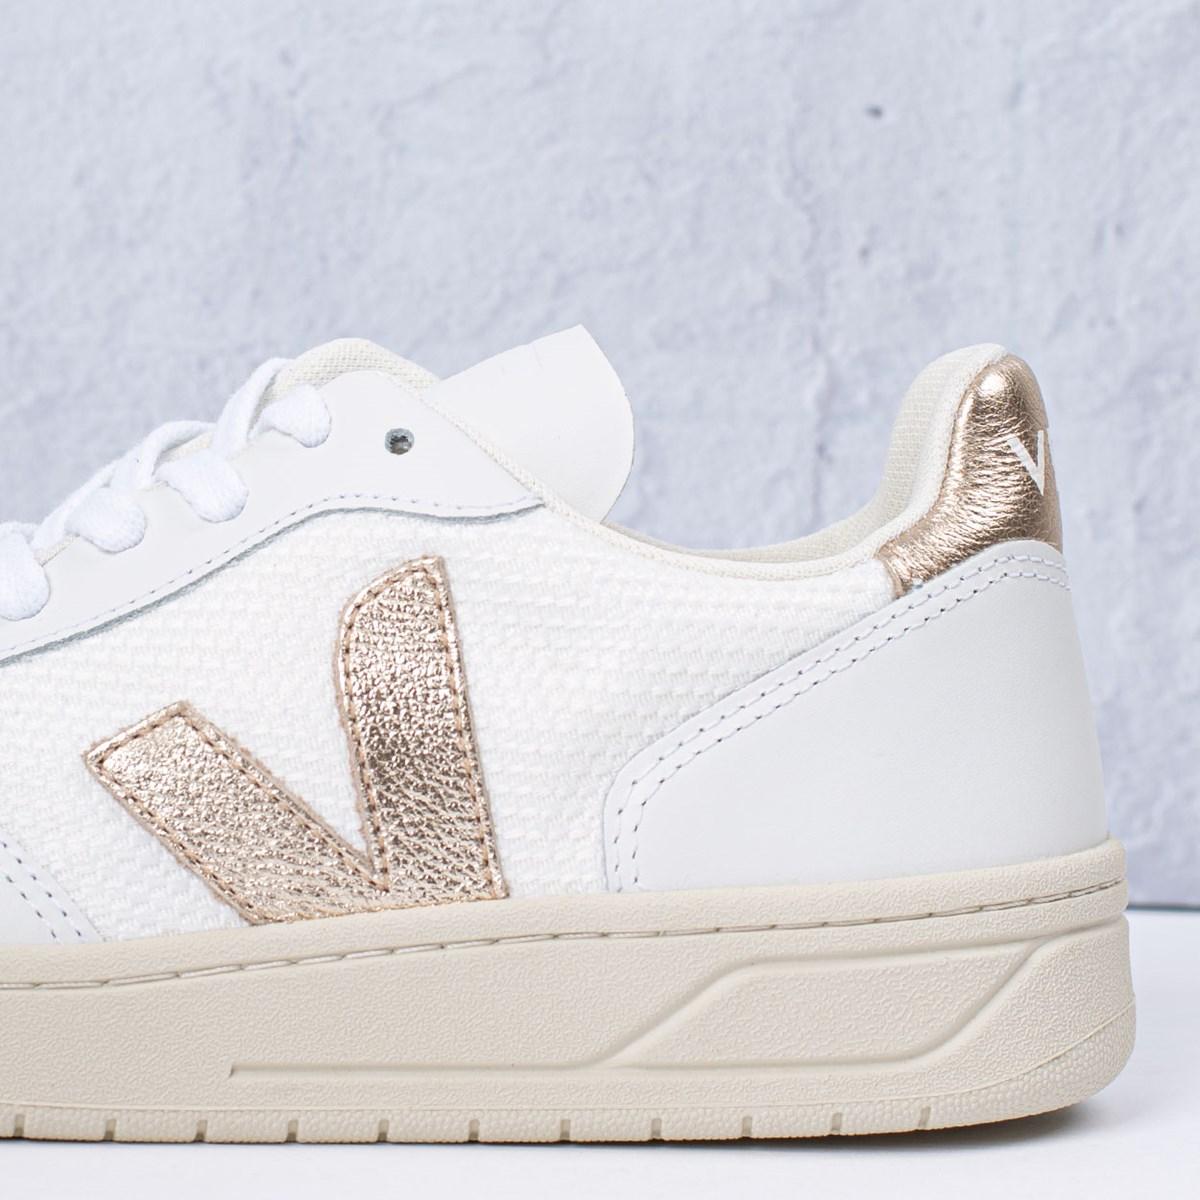 Tênis Vert Shoes V-10 B-Mesh White Platine VX012463